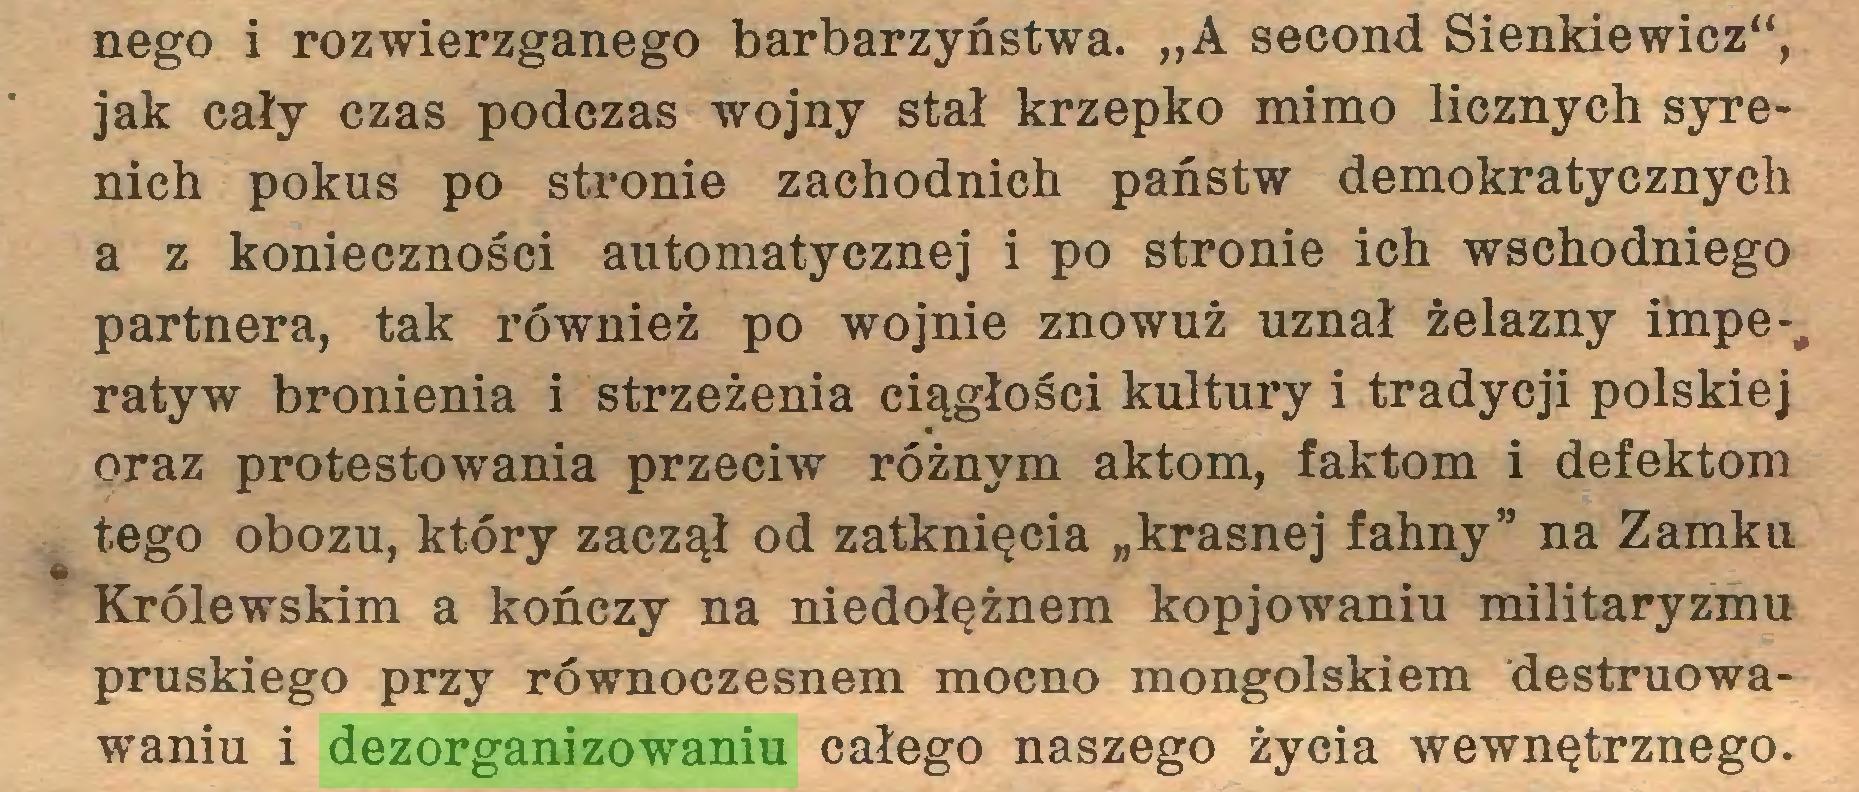 """(...) nego i rozwierzganego barbarzyństwa. """"A second Sienkiewicz"""", jak cały czas podczas wojny stał krzepko mimo licznych syrenich pokus po stronie zachodnich państw demokratycznych a z konieczności automatycznej i po stronie ich wschodniego partnera, tak również po wojnie znowuż uznał żelazny impe-# ratyw bronienia i strzeżenia ciągłości kultury i tradycji polskiej oraz protestowania przeciw różnym aktom, faktom i defektom tego obozu, który zaczął od zatknięcia """"krasnej fahny"""" na Zamku %» Królewskim a kończy na niedołężnem kopjowaniu militaryzmu pruskiego przy równoczesnem mocno mongolskiem destruowawaniu i dezorganizowaniu całego naszego życia wewnętrznego..."""